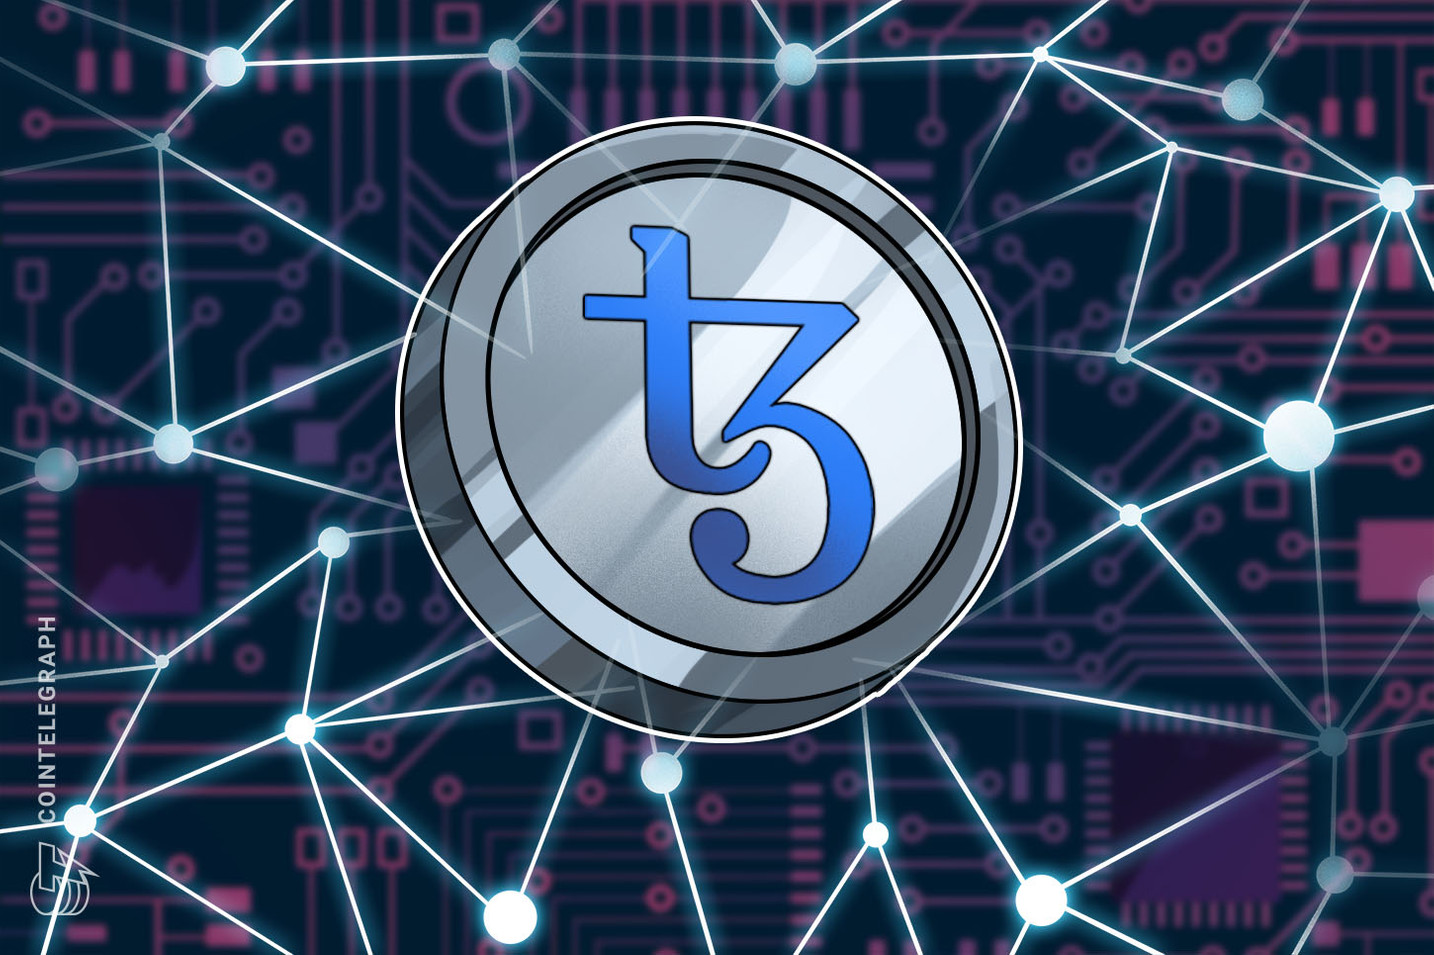 El exchange de criptomonedas Binance agrega soporte para el 'staking' de Tezos